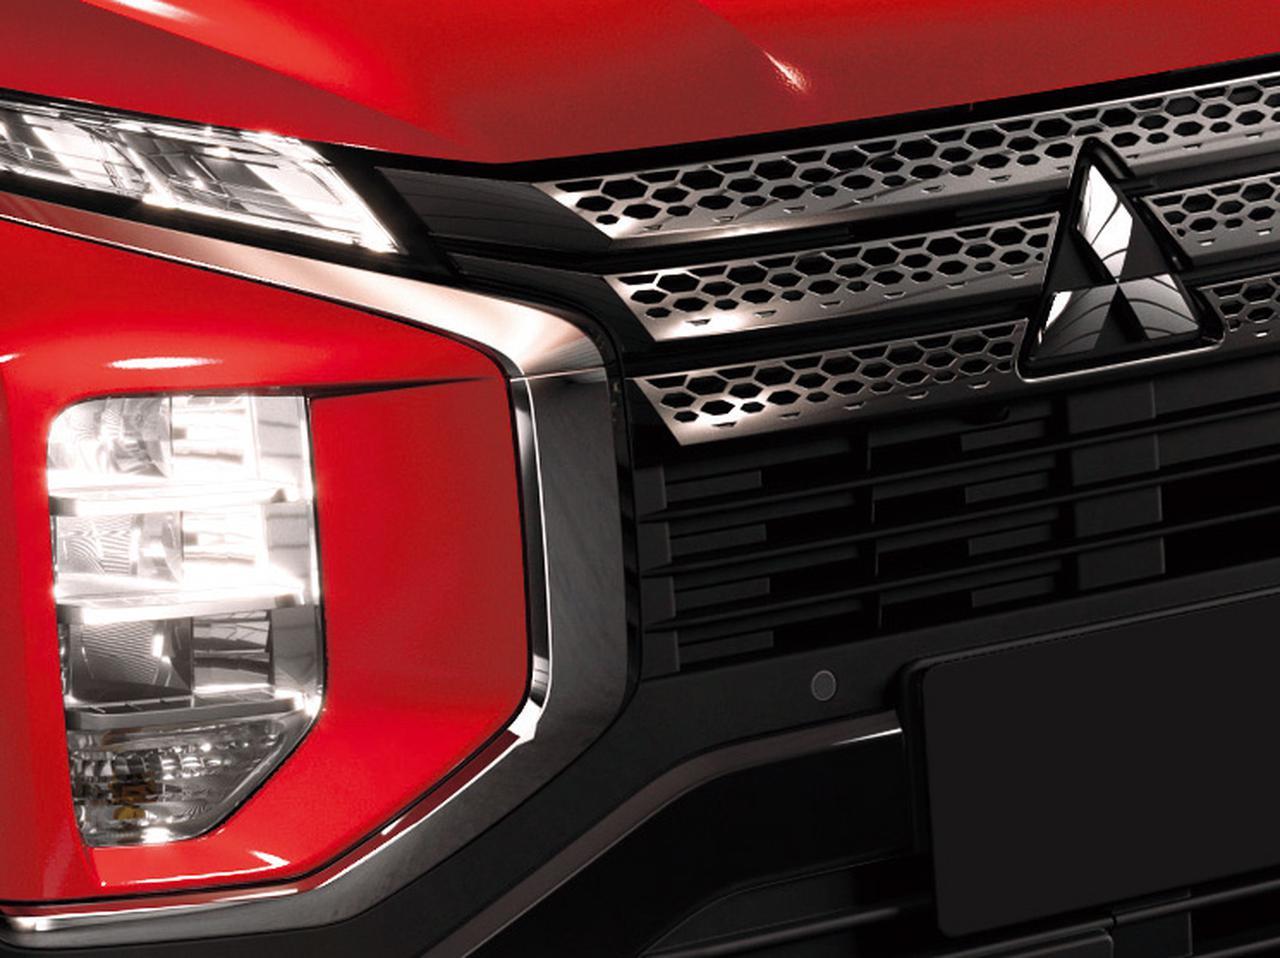 日産/三菱共同開発による軽自動車EV登場は2023年か。三菱が水島製作所の設備投資に約80億円